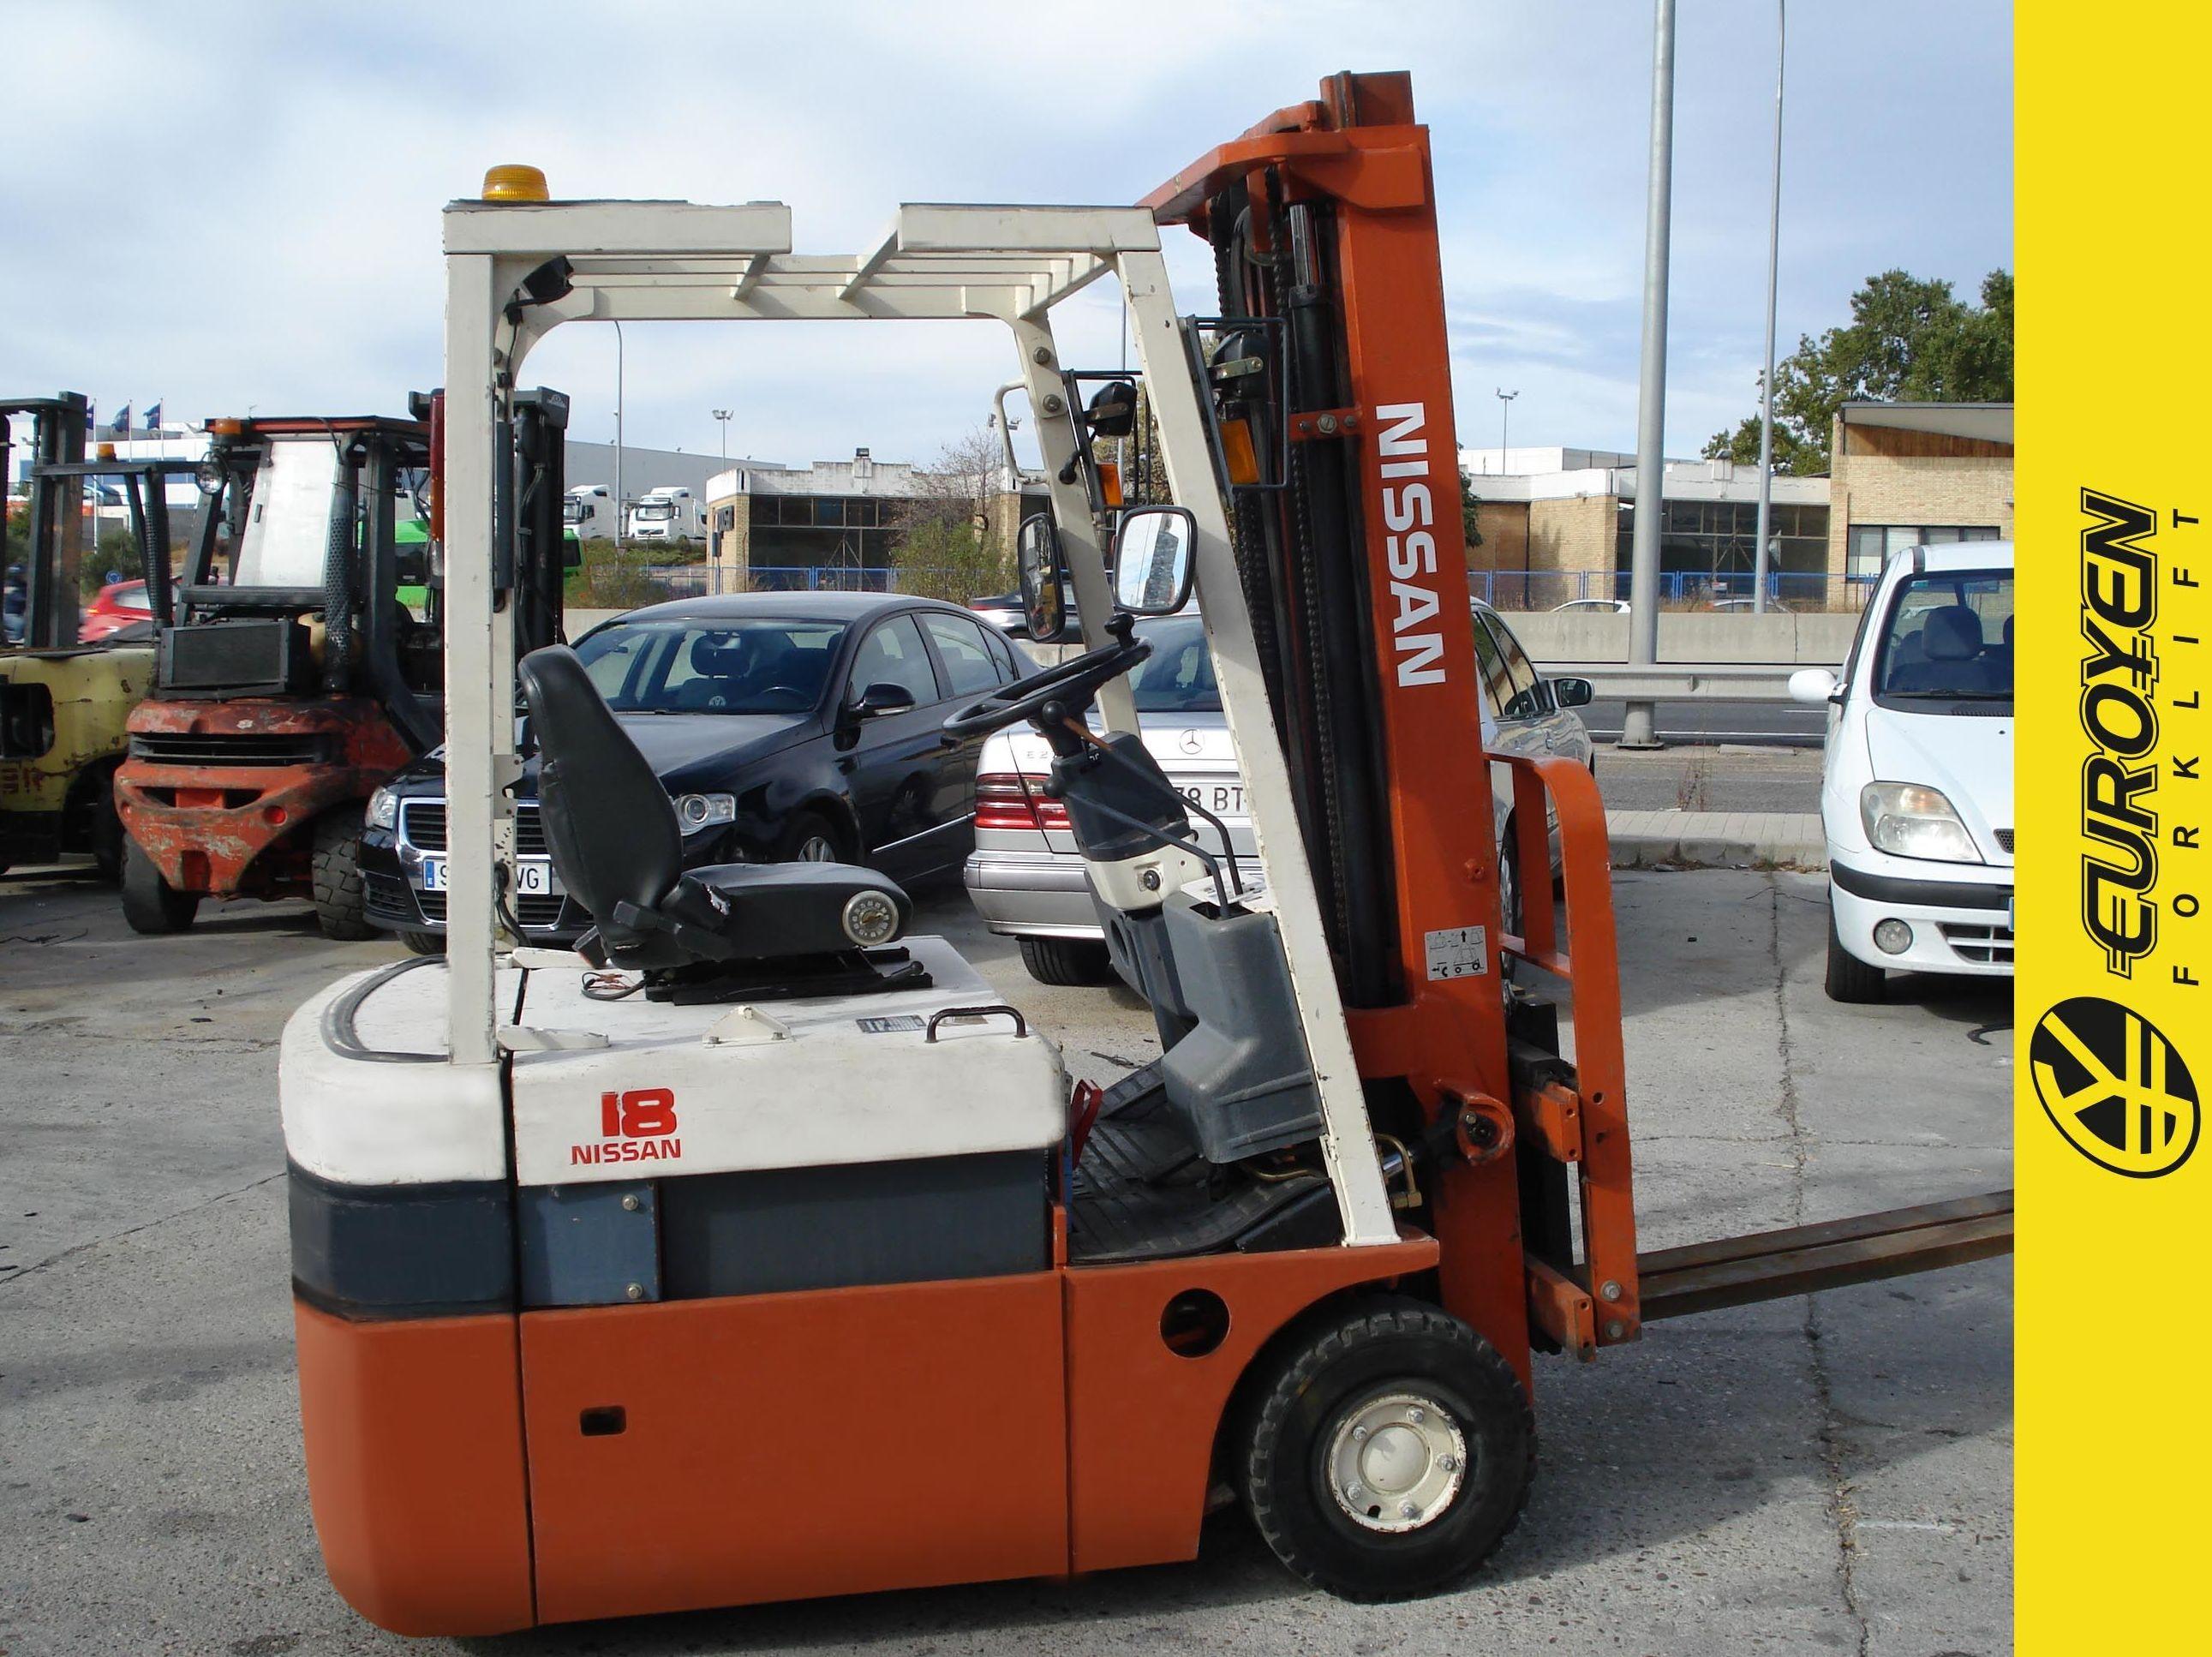 Carretilla eléctrica NISSAN Nº 6133: Productos y servicios de Comercial Euroyen, S. L.